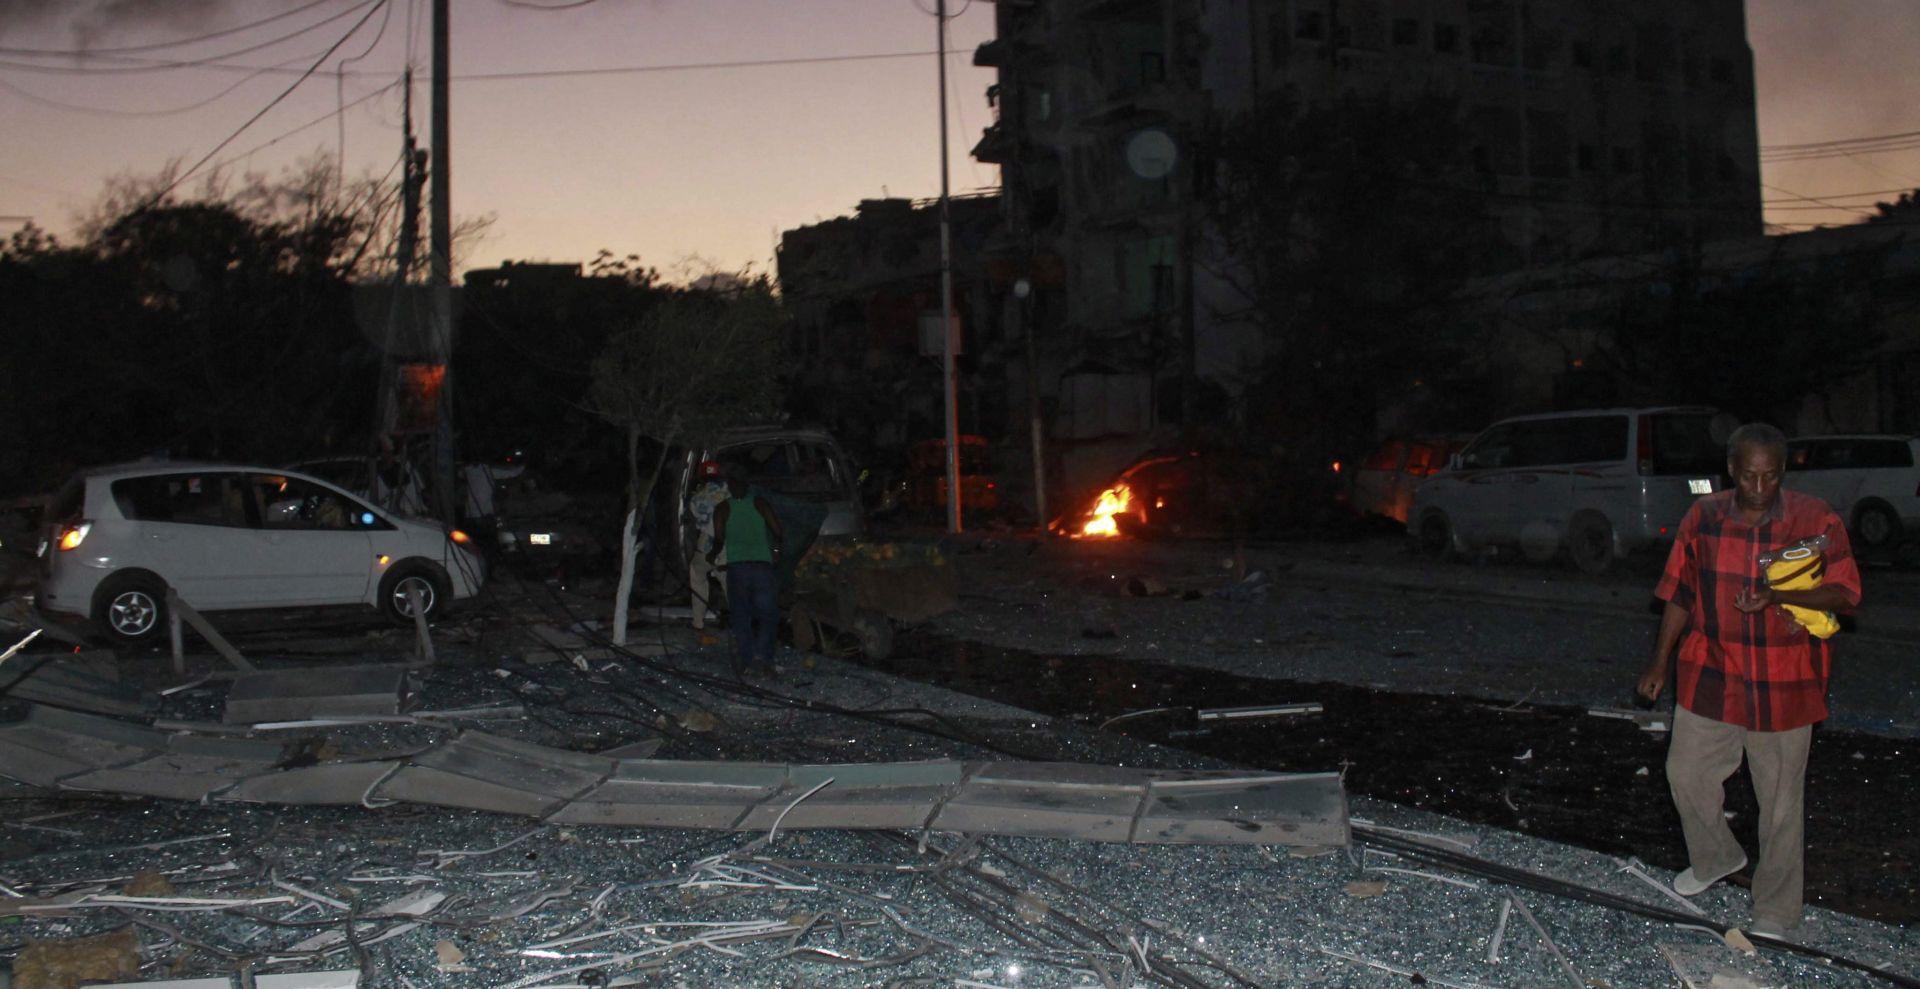 SOMALIJA Snažna eksplozija u centru Mogadishua, pucnjava i dalje traje